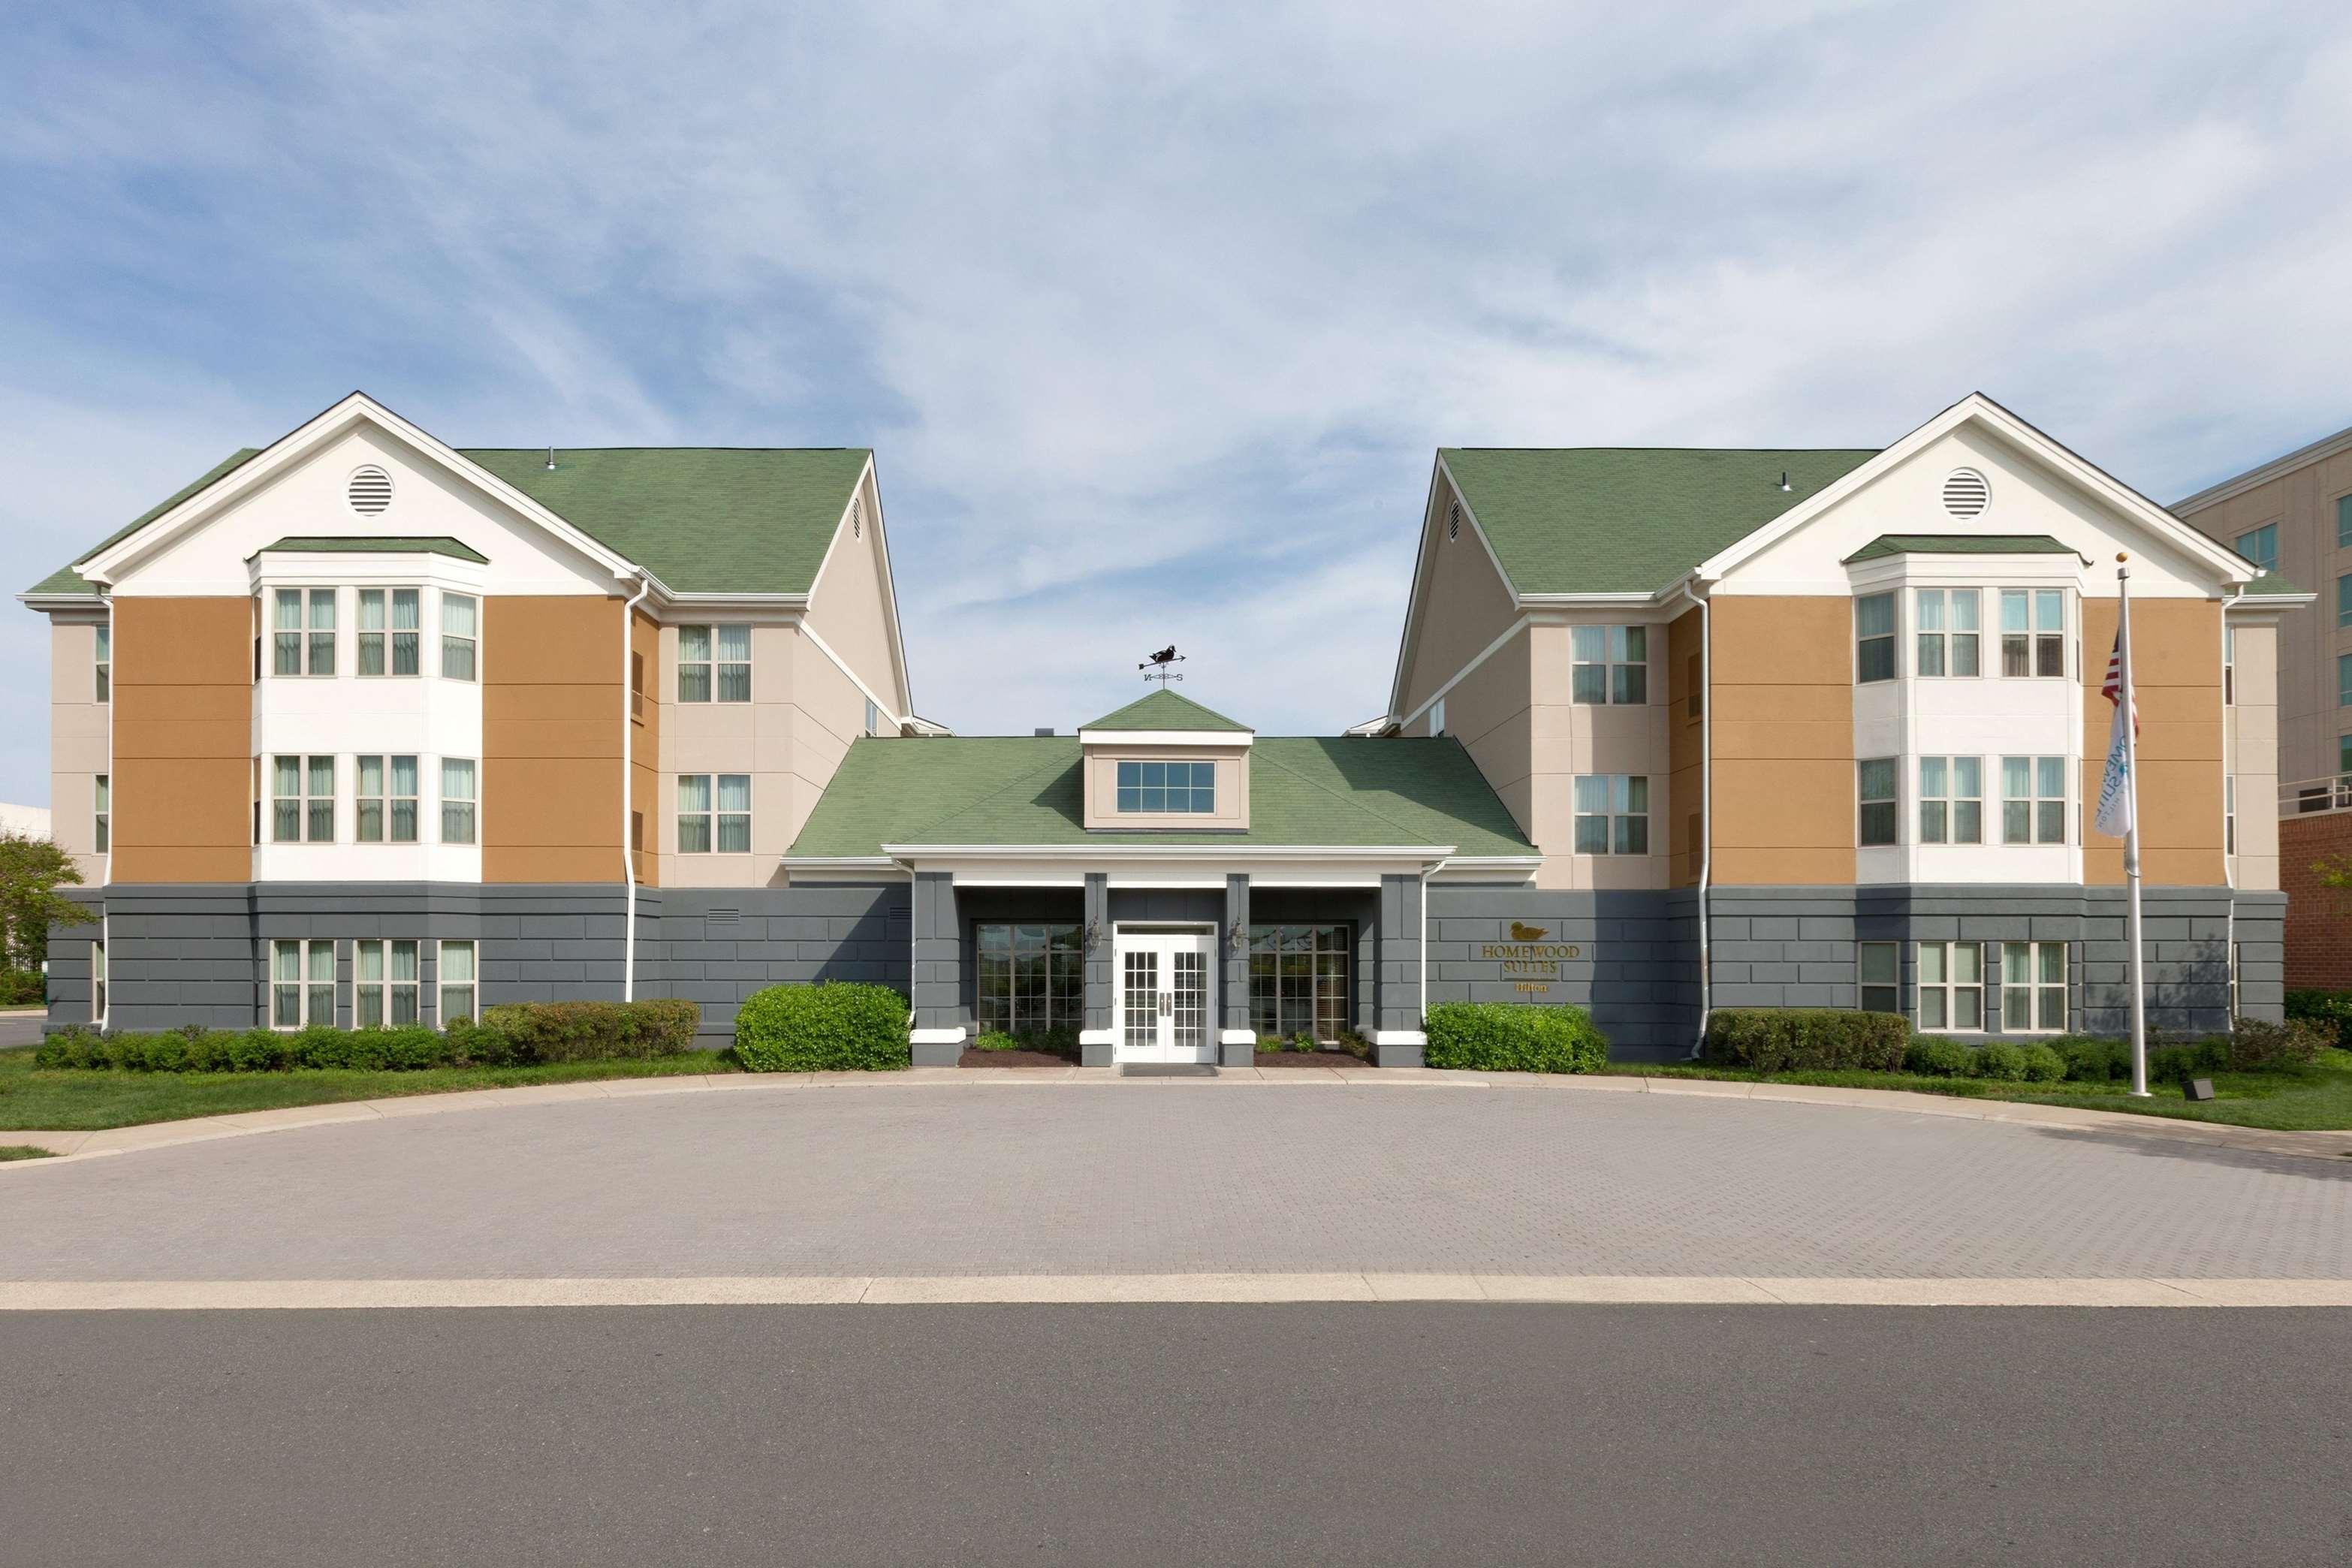 Homewood Suites by Hilton Dulles-North/Loudoun image 20